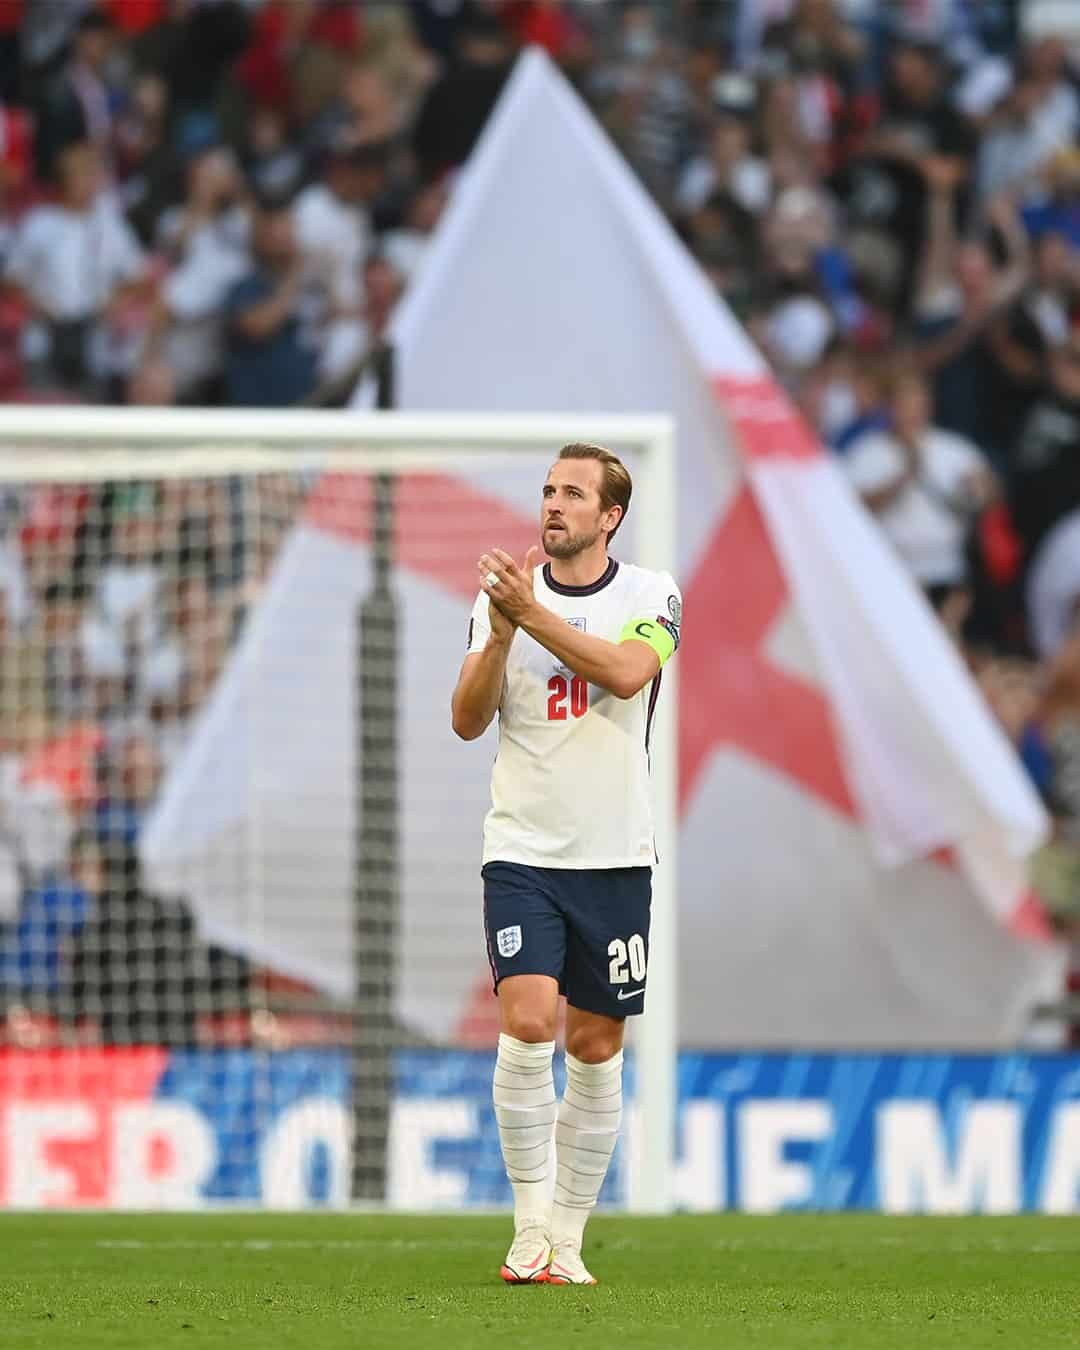 Ponturi pariuri Rennes vs Tottenham